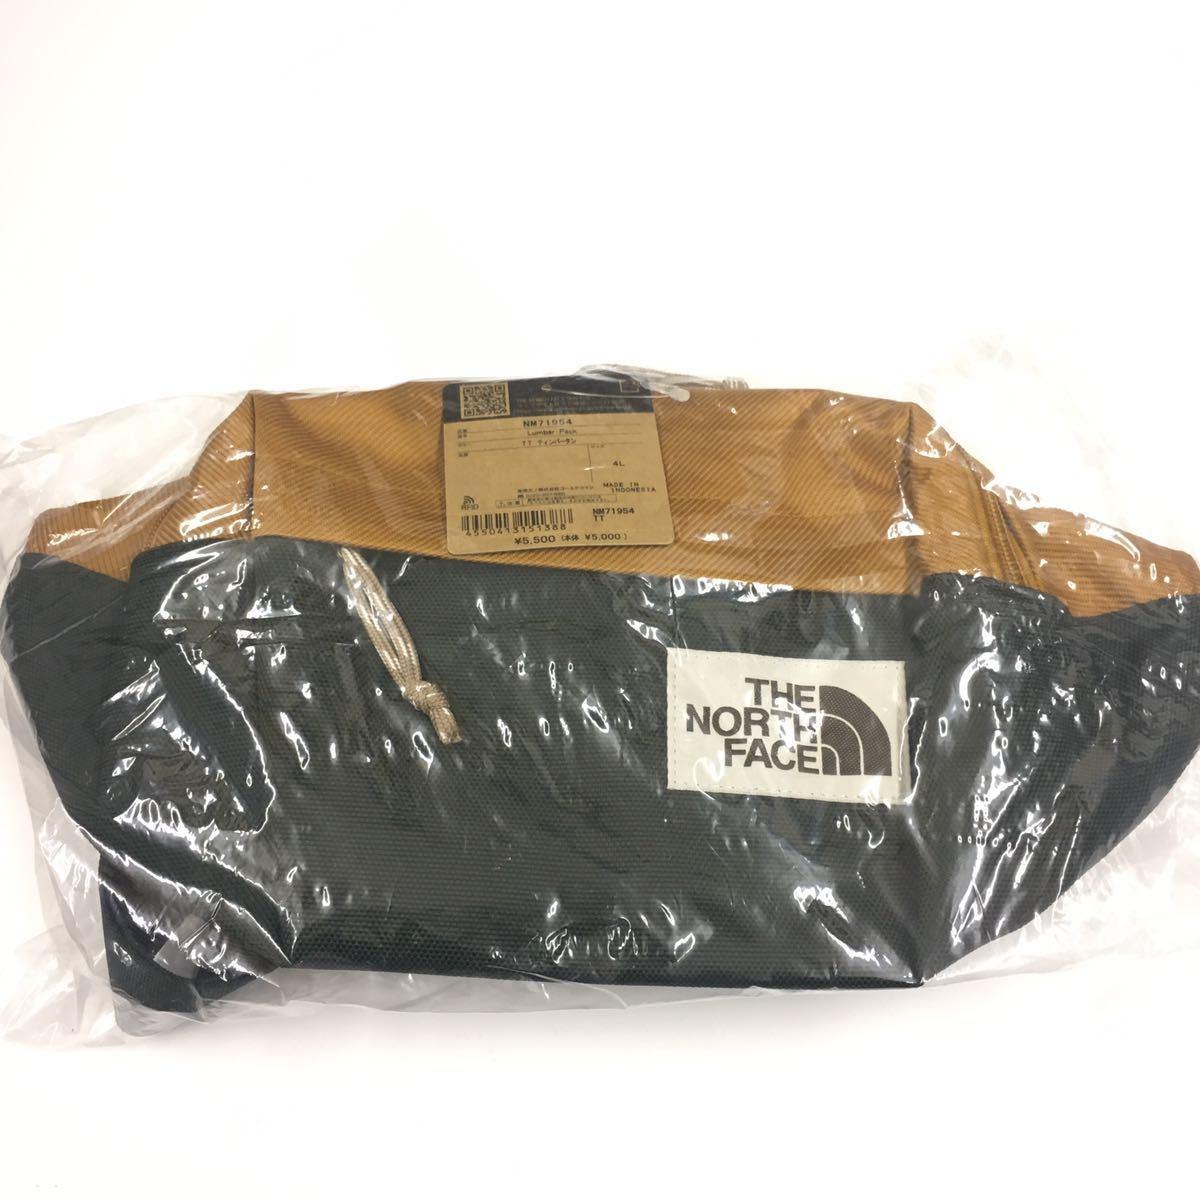 THE NORTH FACE Lumbar Pack TT NM71954 ノースフェイス ランバーパック ティンバータン 新品未使用 国内正規品 ショルダーバッグ